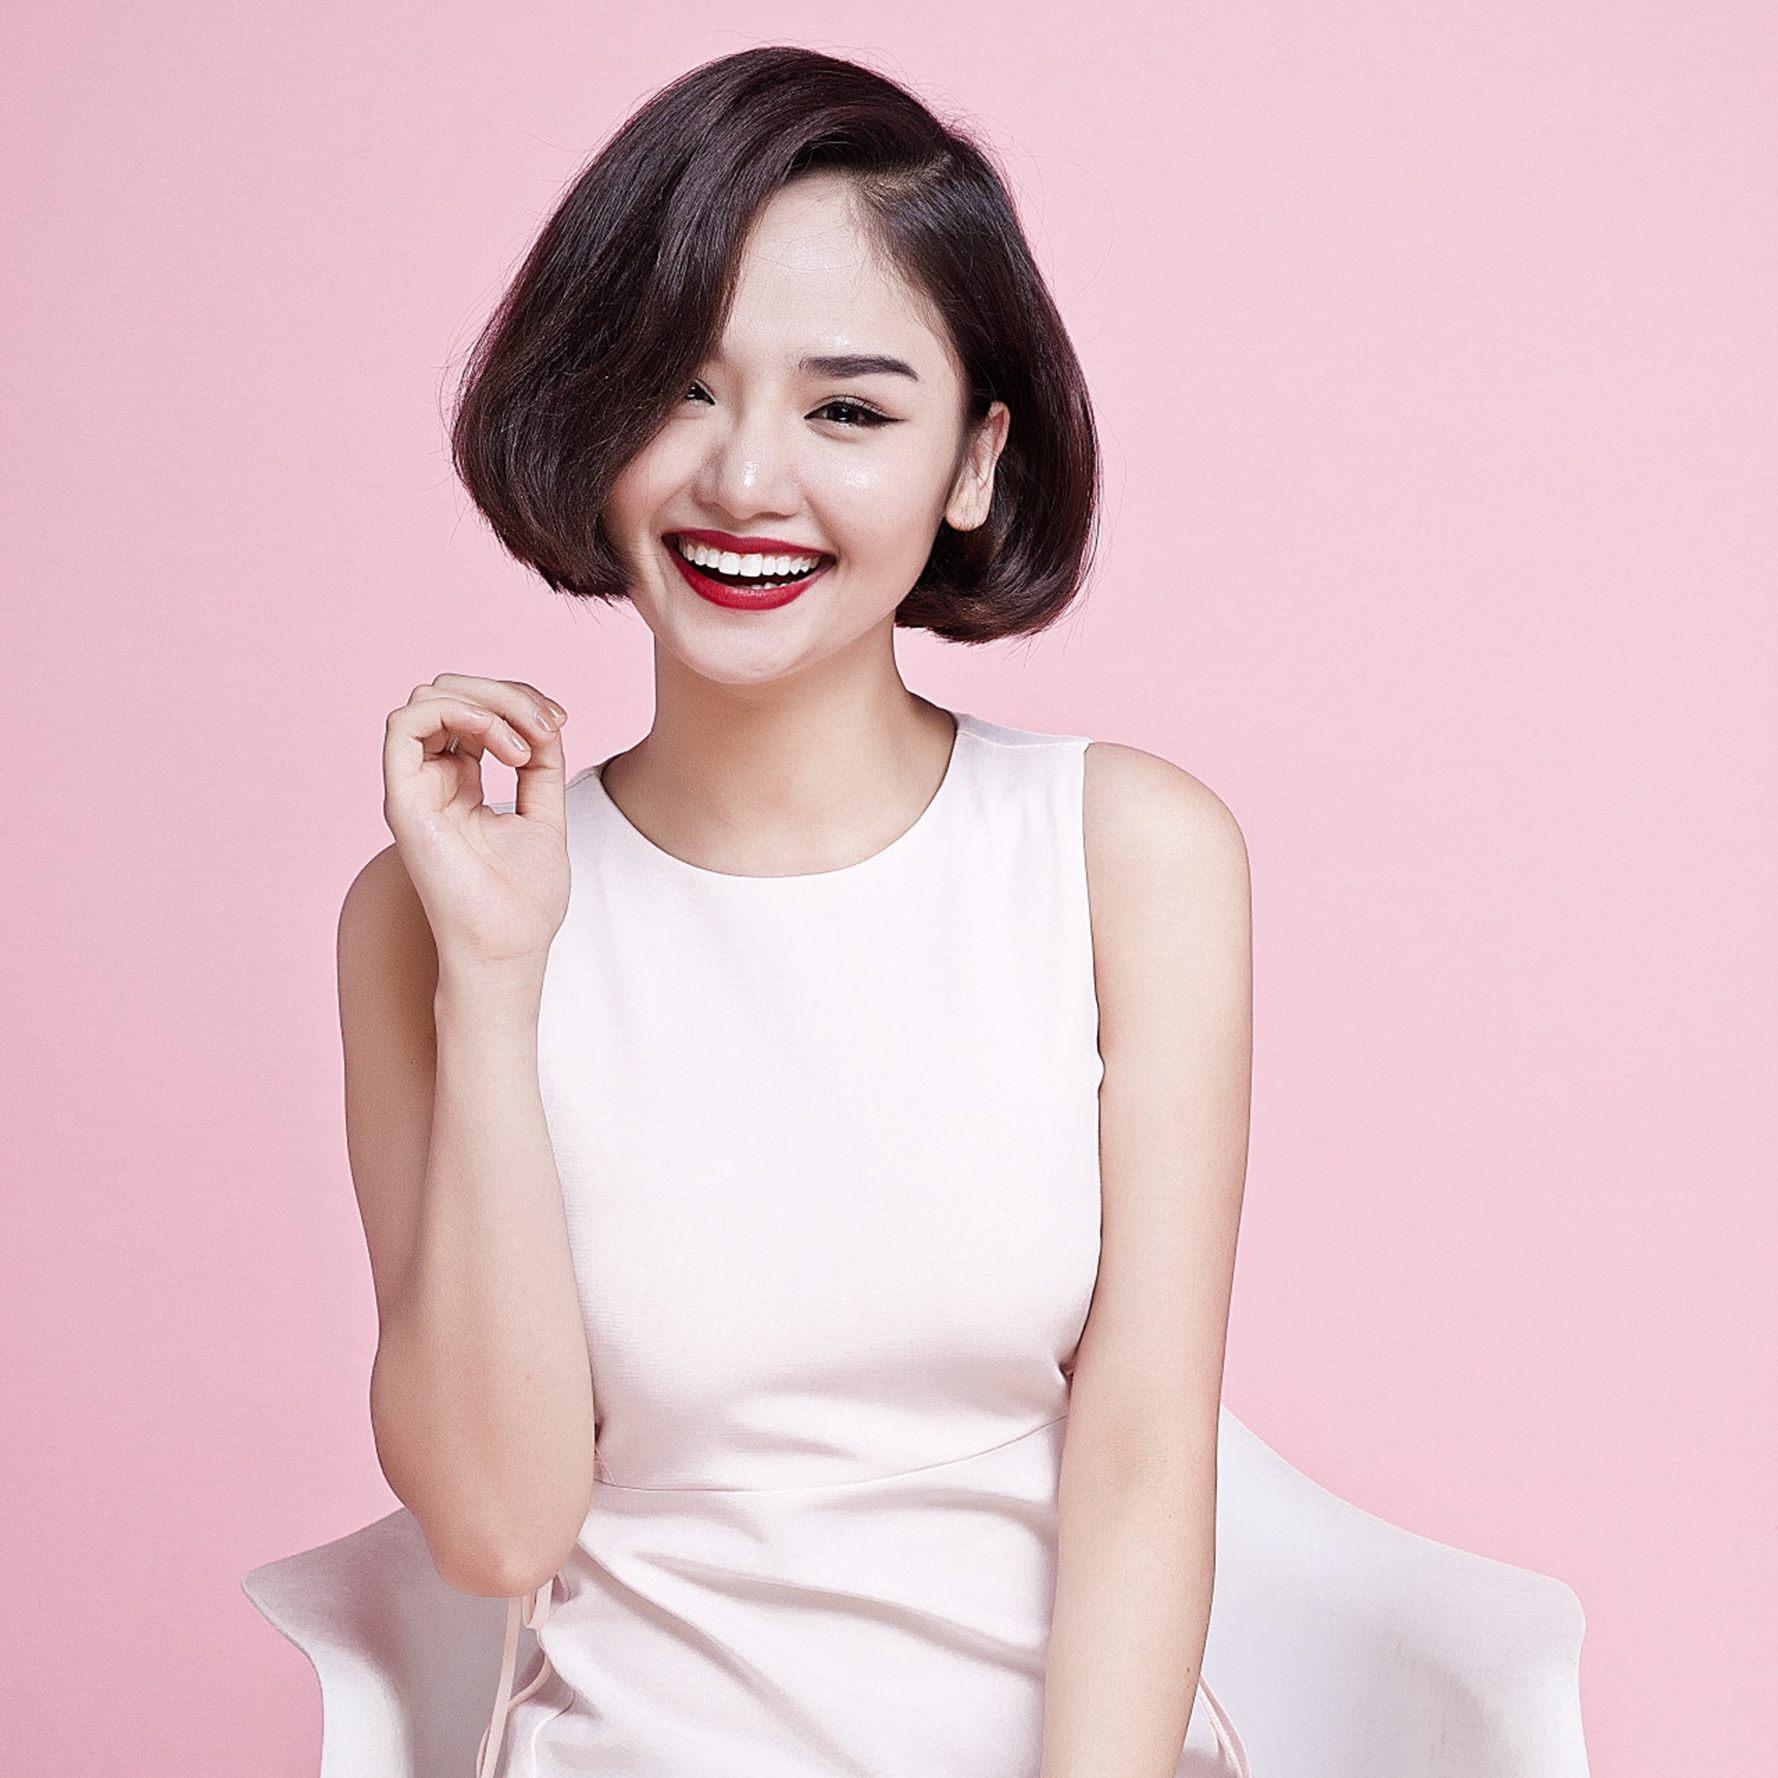 Kiểu tóc ngắn Miu Lê 1